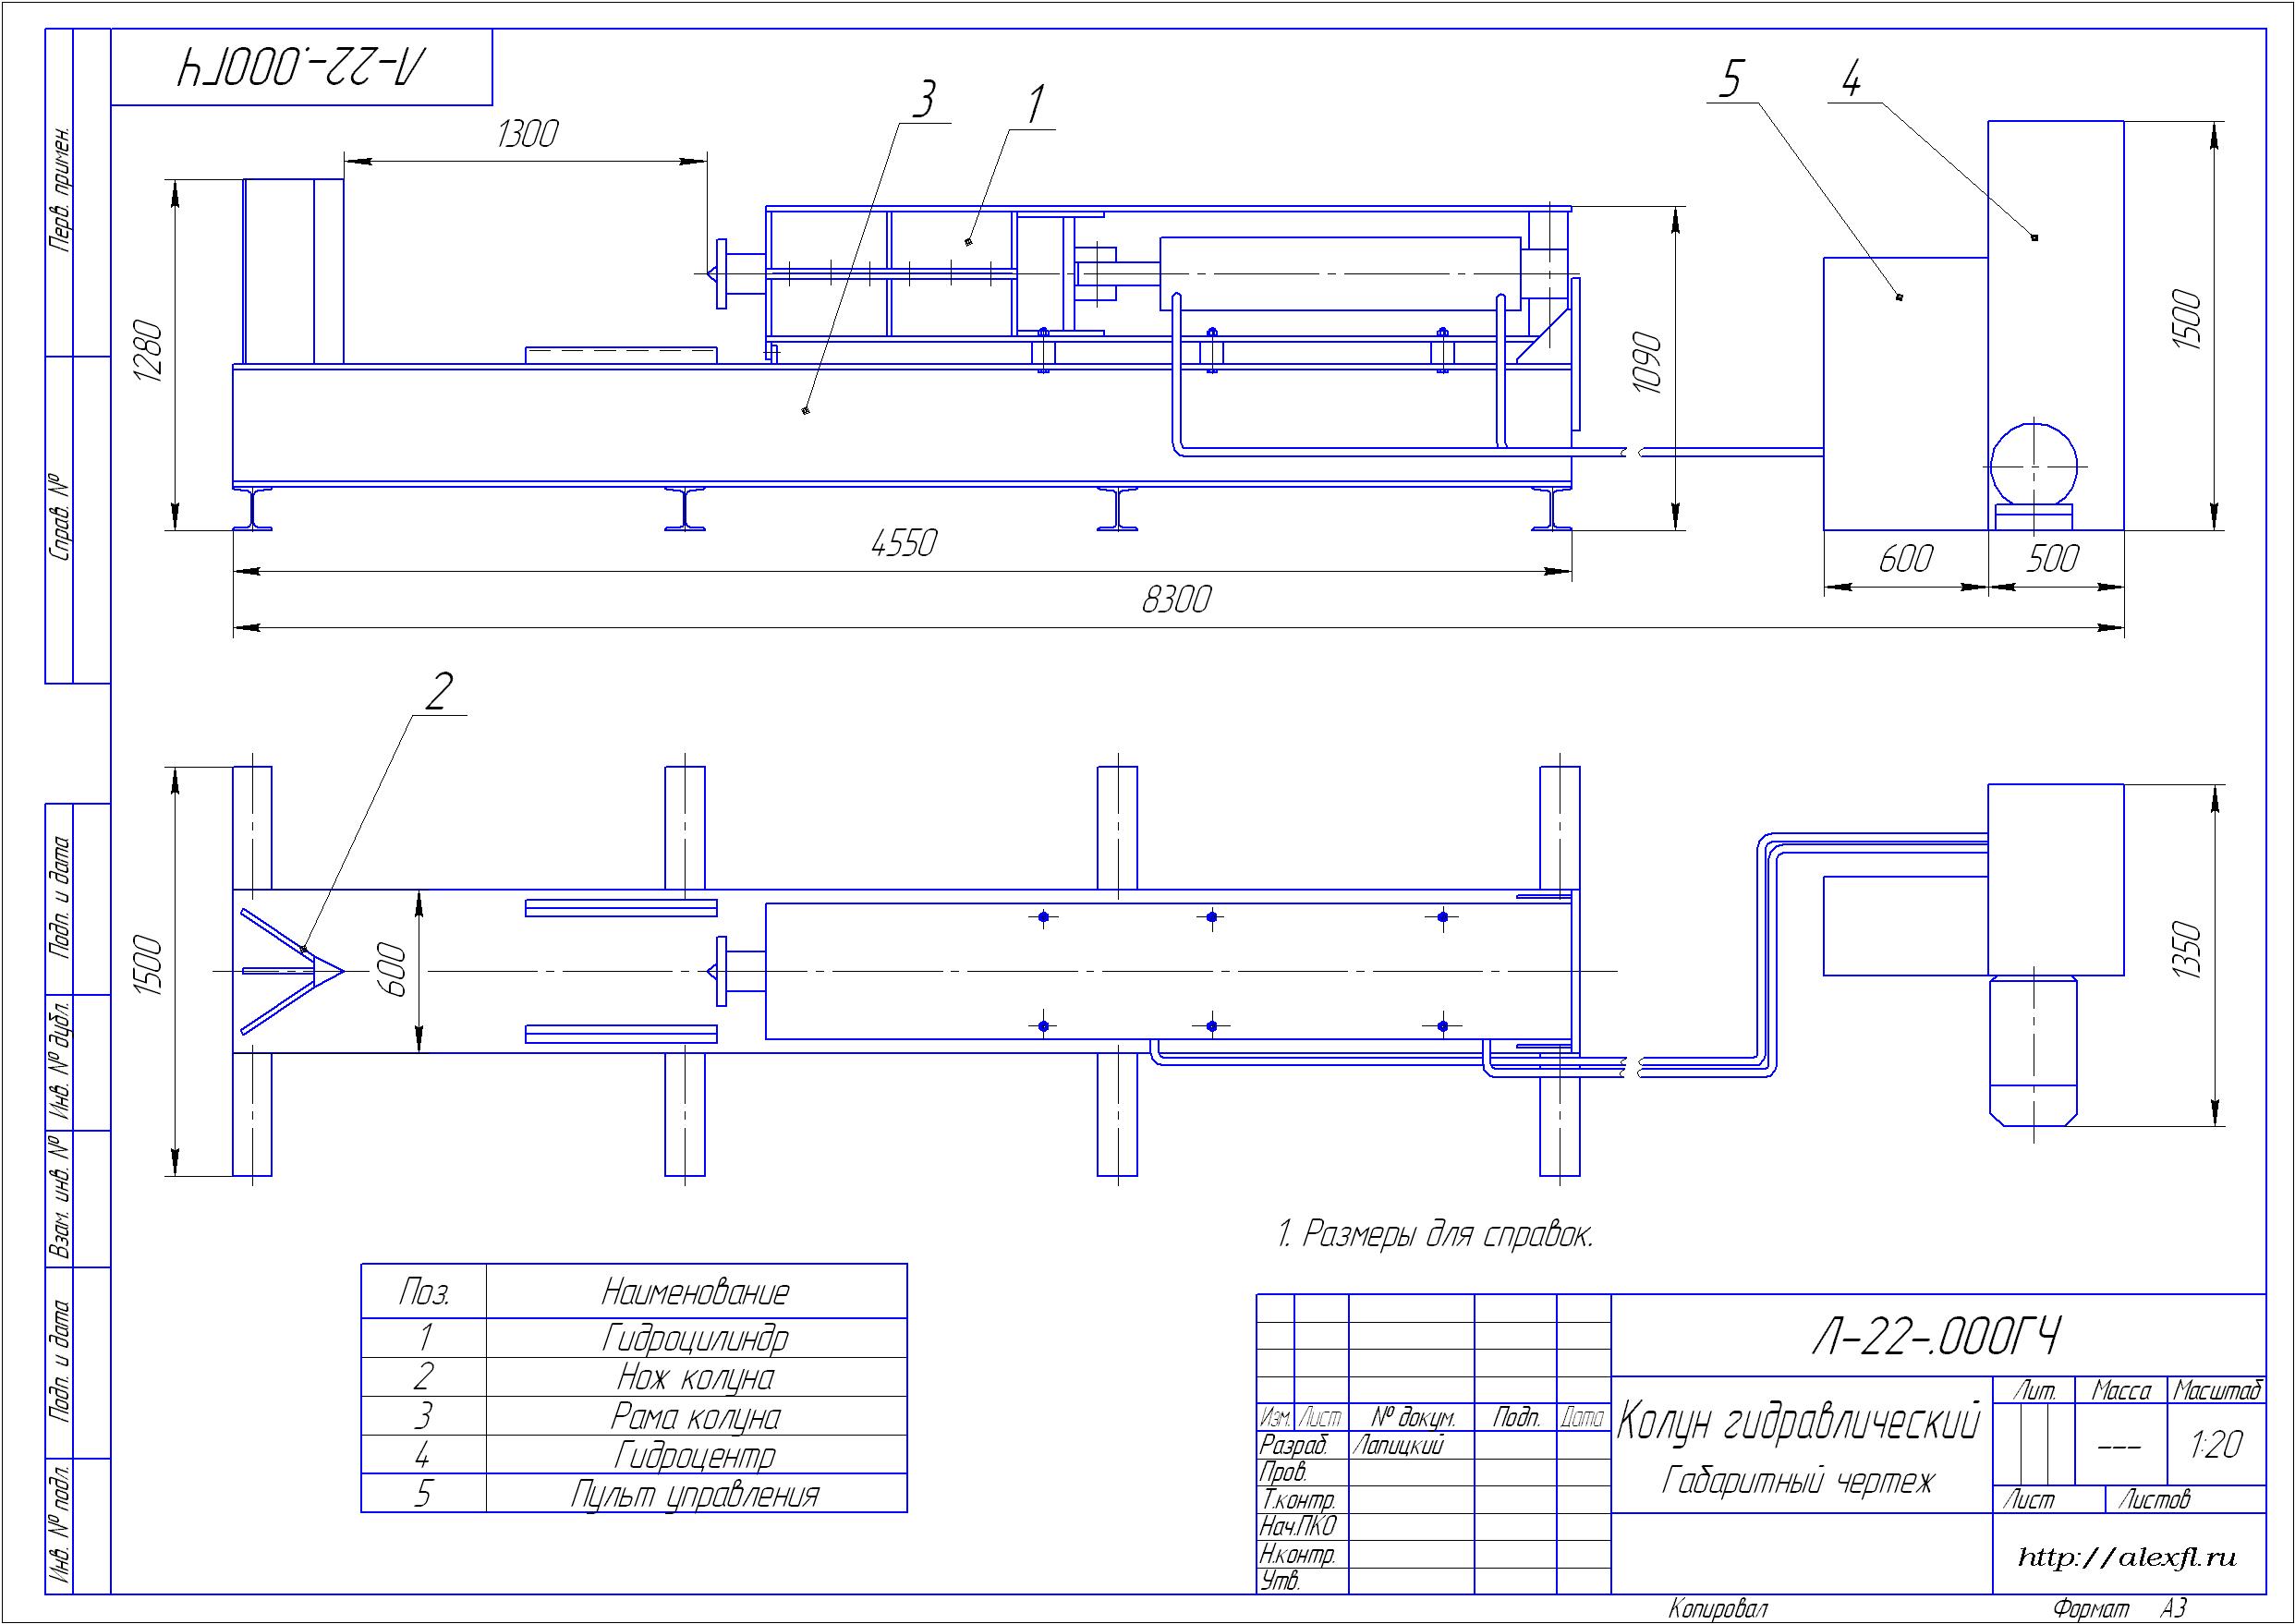 Чашечный транспортер зеркальный элемент фольксваген транспортер т5